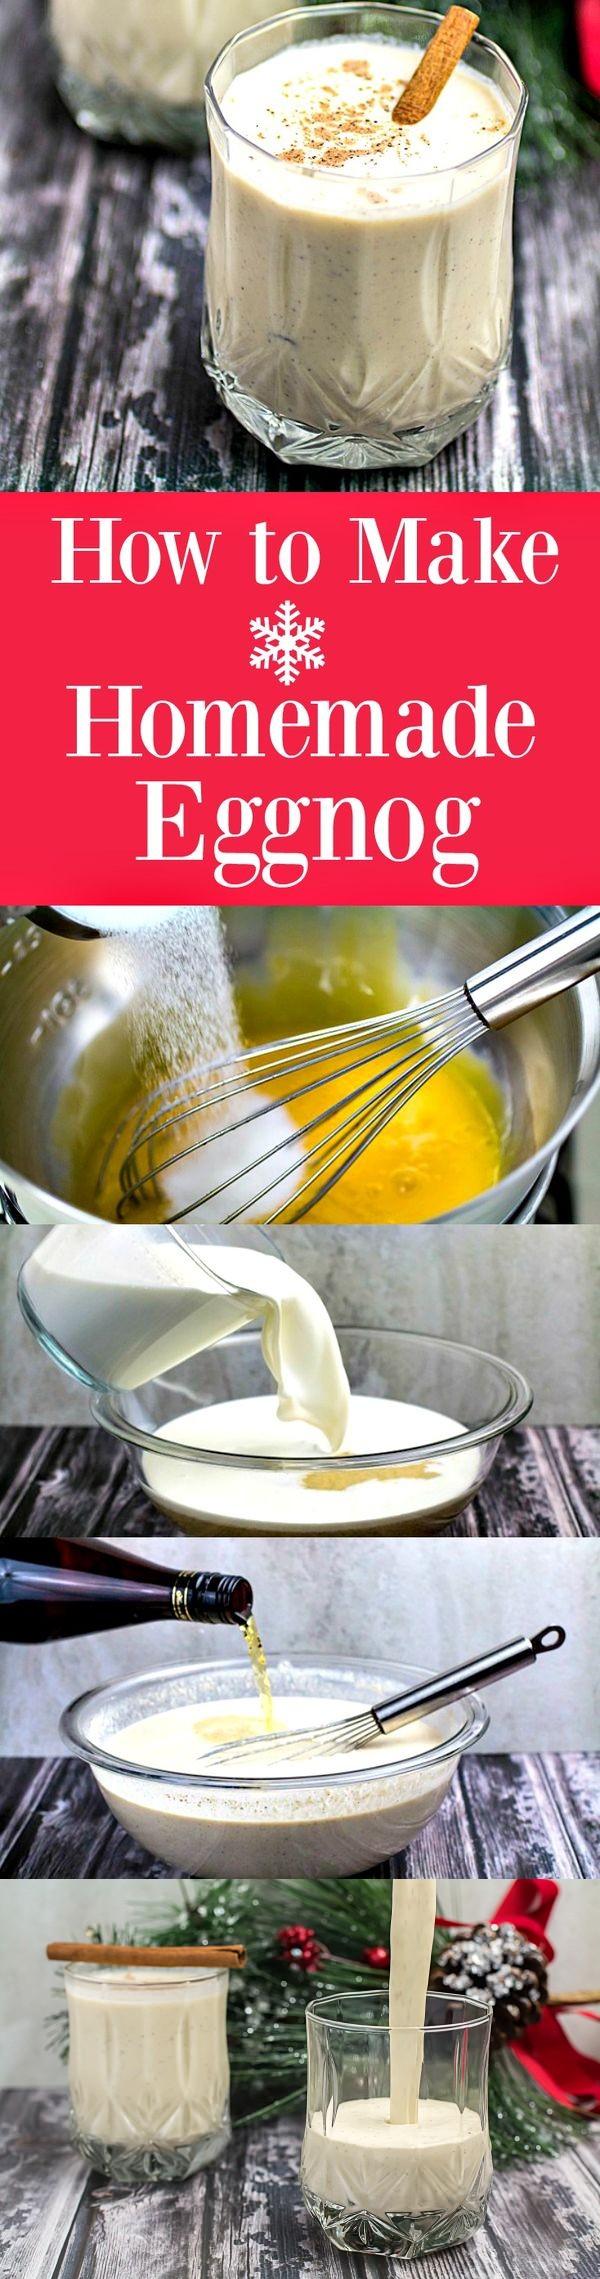 How to Make Homemade Eggnog